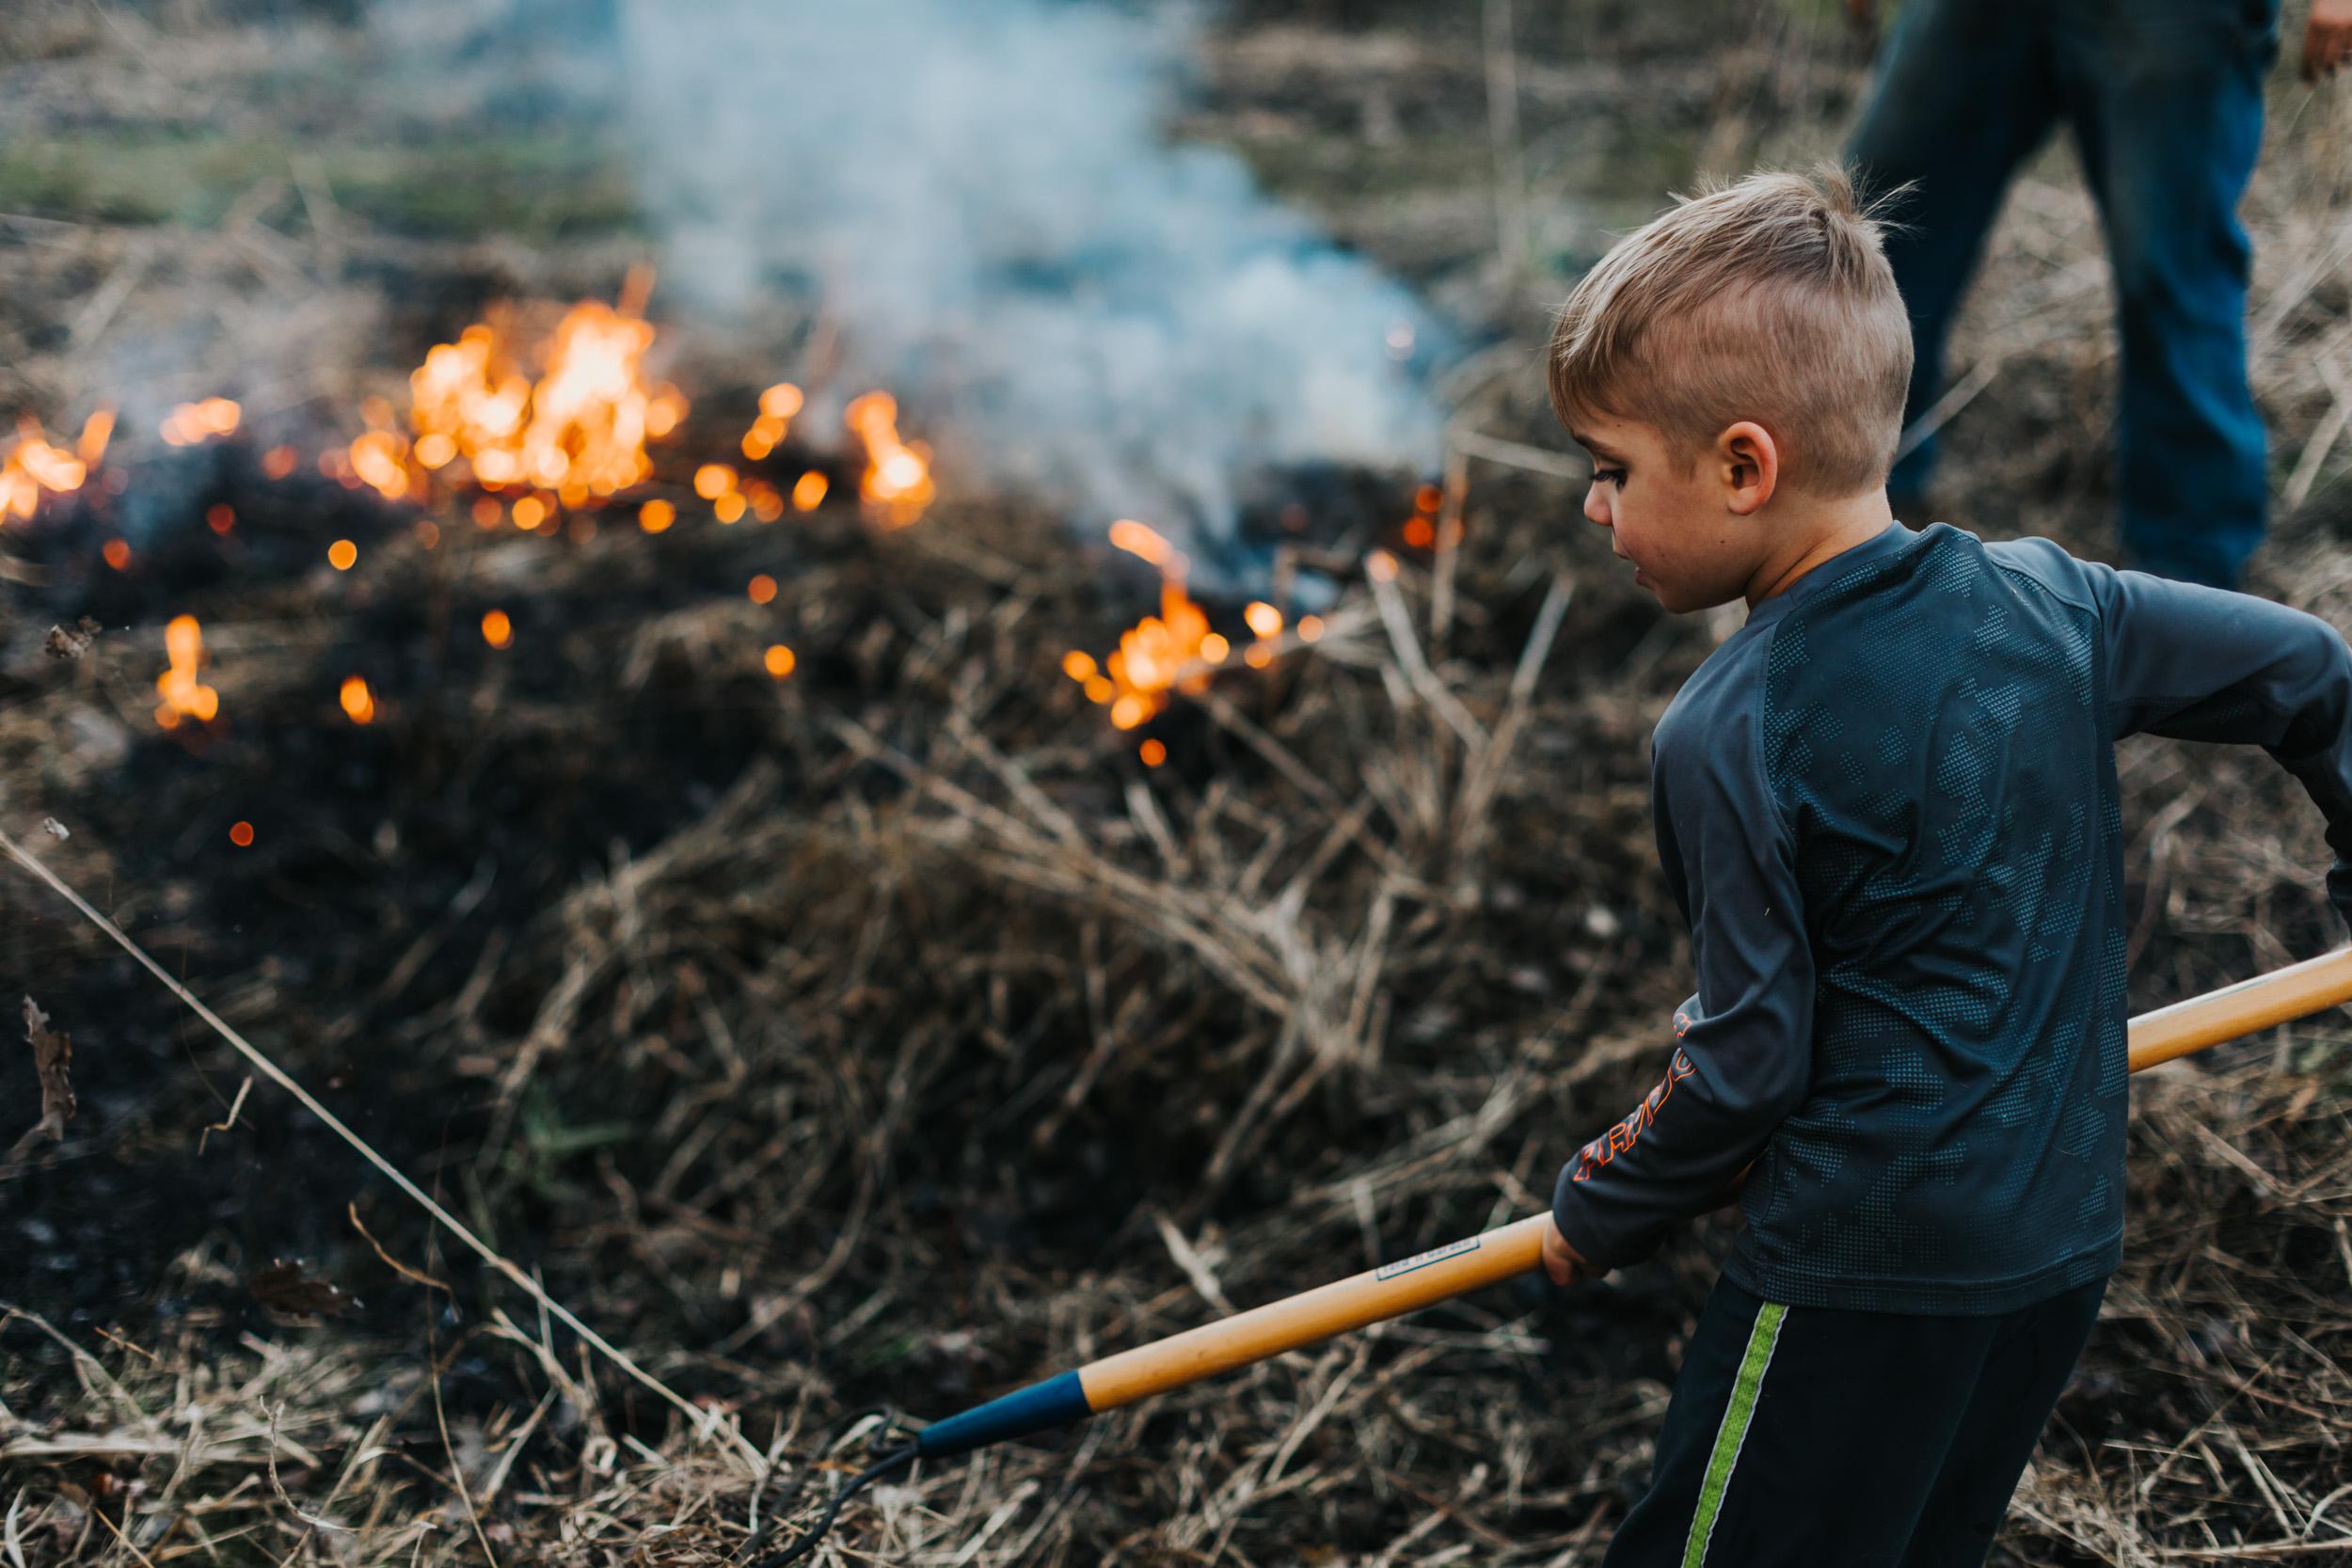 boy raking a fire in a field